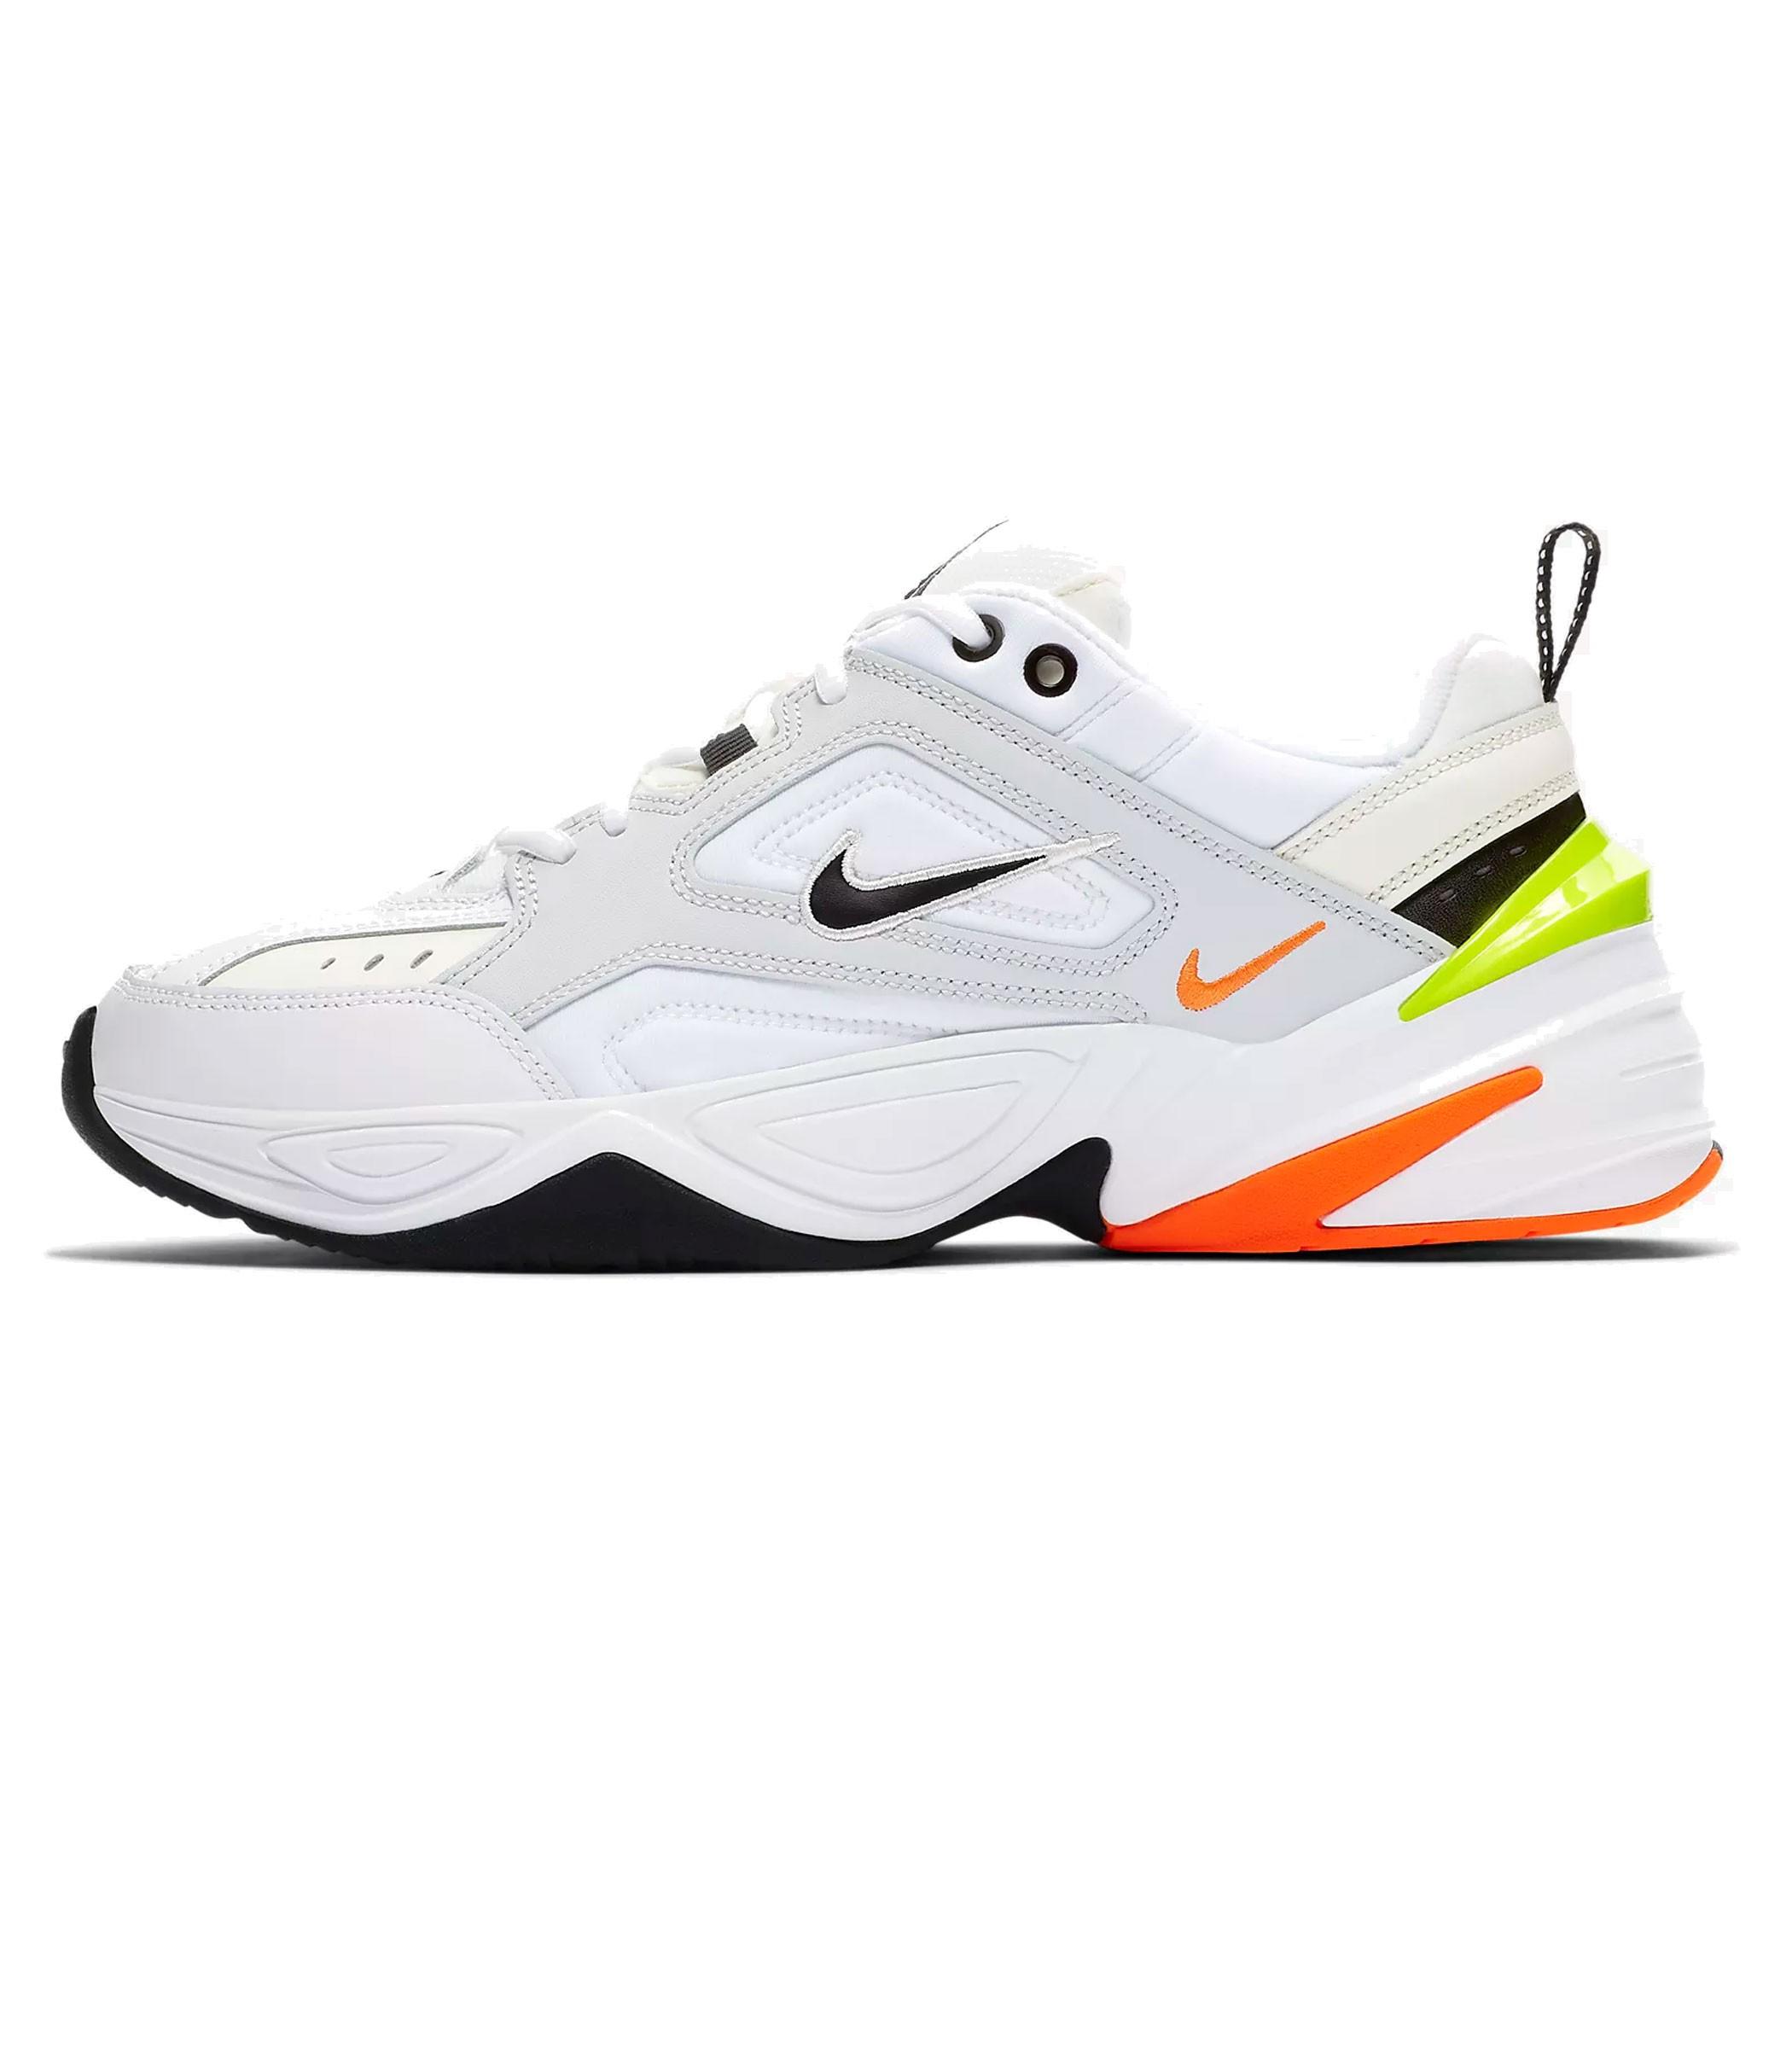 Uomo Rifav4789 Scarpe Tekno Nike Sneakers 004 Da M2k Vuzspqm 6bgyIf7vY